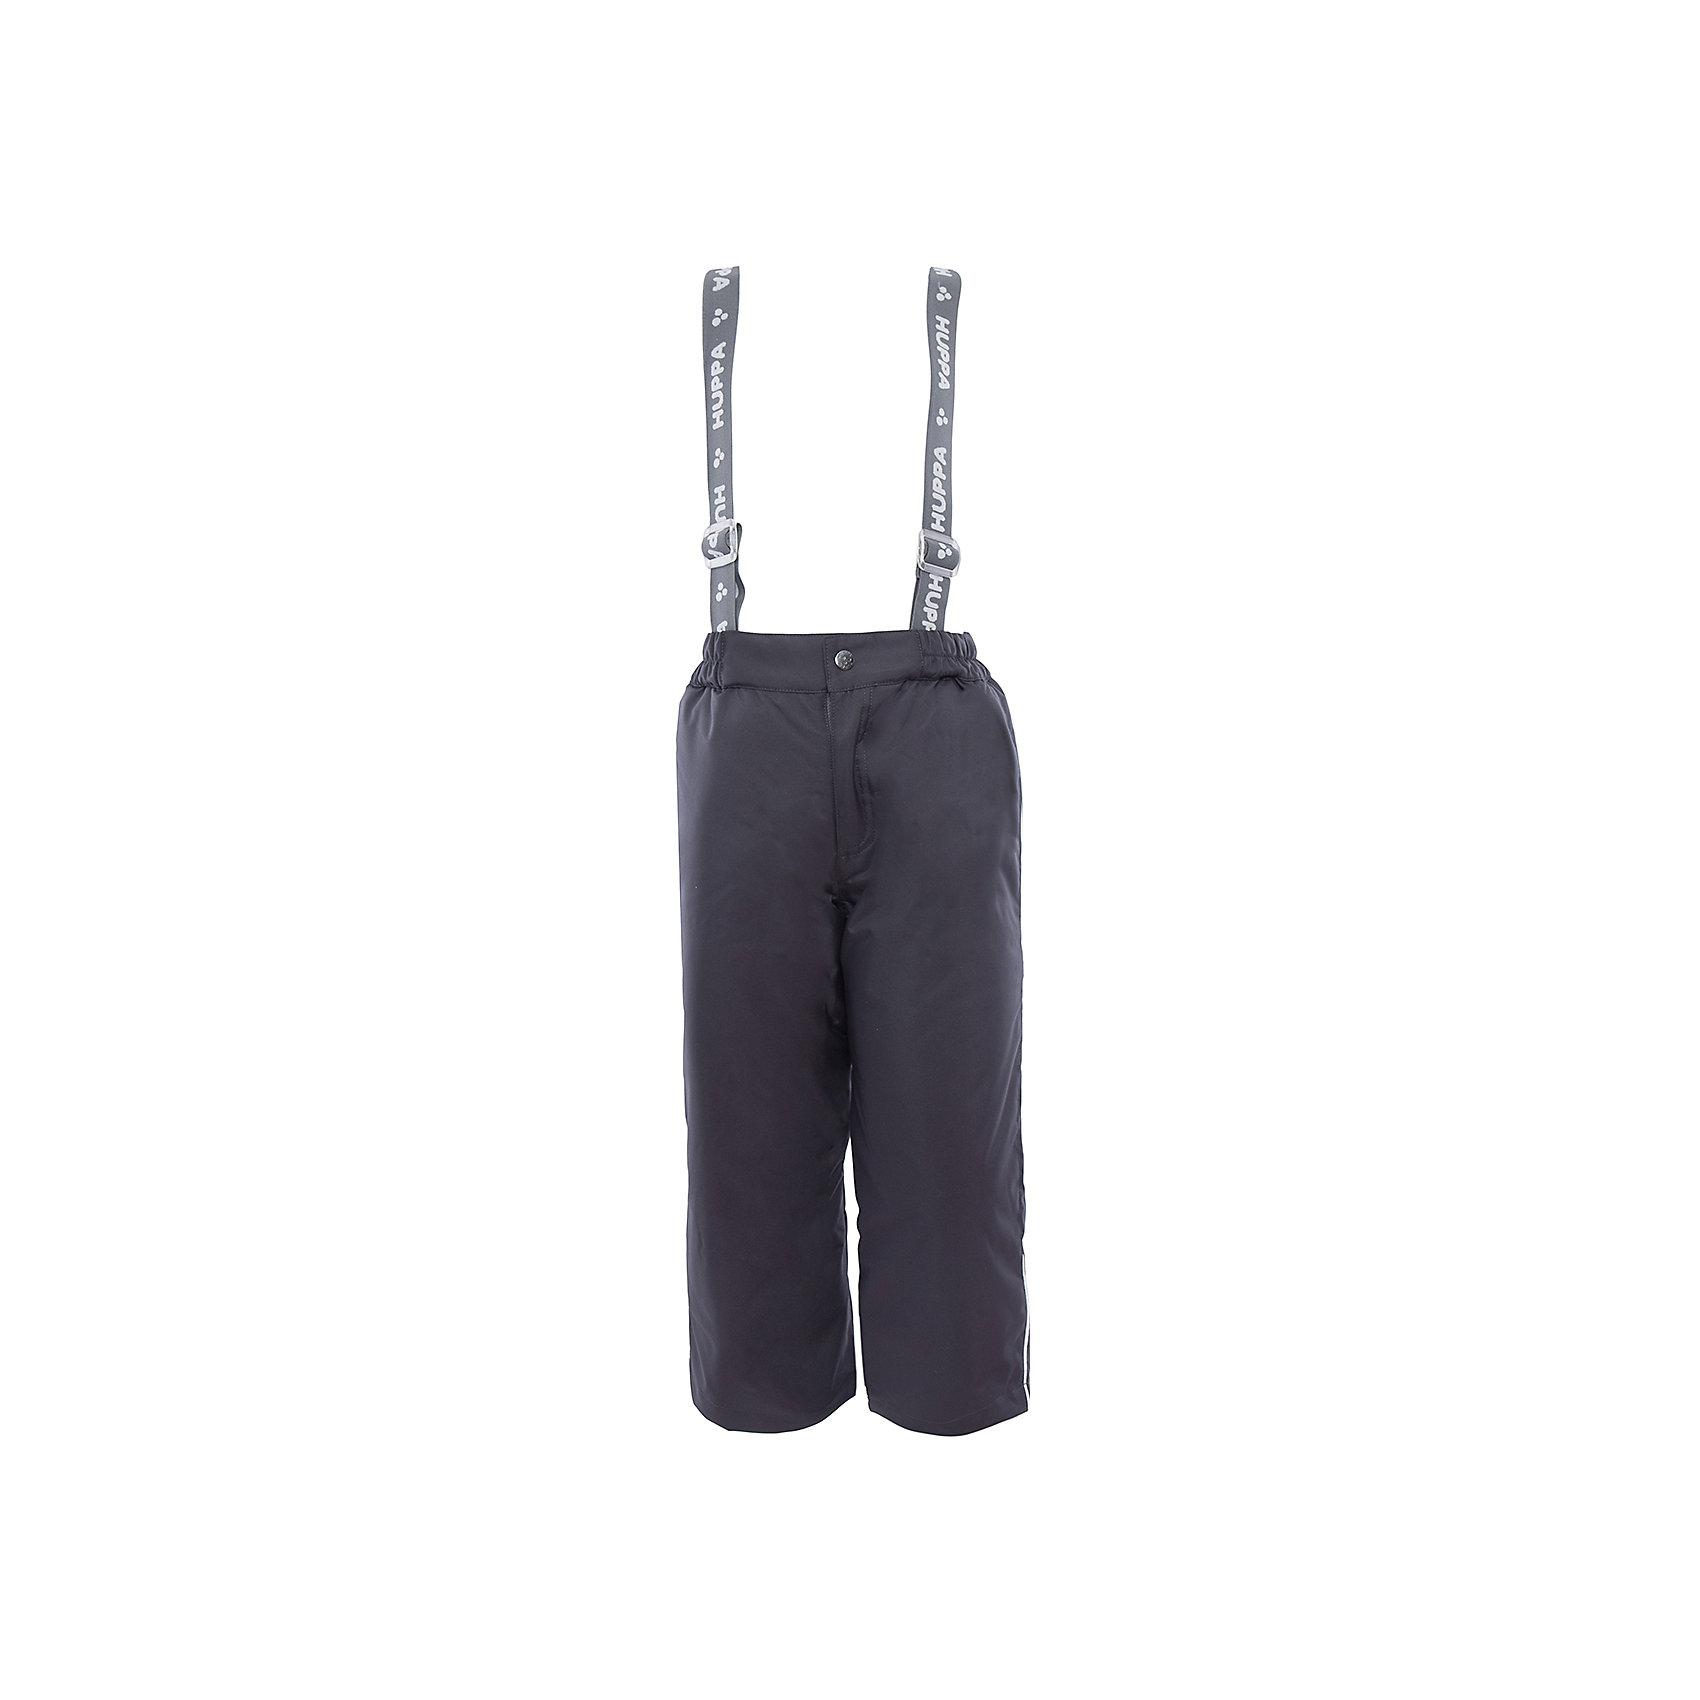 Брюки    HuppaВерхняя одежда<br>Утепленные брюки FREJA Huppa(Хуппа).<br><br>Утеплитель: 100% полиэстер, 160 гр.<br><br>Температурный режим: до -20 градусов. Степень утепления – средняя. <br><br>* Температурный режим указан приблизительно — необходимо, прежде всего, ориентироваться на ощущения ребенка. Температурный режим работает в случае соблюдения правила многослойности – использования флисовой поддевы и термобелья.<br><br>Не пропускают влагу и ветер, благодаря мембране, расположенной с изнанки. Легкий утеплитель HuppaTherm легко стирать, он быстро возвращает форму после стирки и легко сохнет. Брюки хорошо держатся на теле благодаря резинке на поясе и регулируемым подтяжкам с липучками; их легко надевать и застегивать с помощью кнопки и молнии. Отлично подойдут для зимних прогулок!<br><br>Особенности:<br>-прочная ткань<br>-двойные манжеты<br>-брюки не сковывают движений<br>-светоотражающие элементы<br>-шаговый шов проклеен<br><br>Дополнительная информация:<br>Материал: 100% полиэстер<br>Подкладка: тафта - 100% полиэстер<br>Цвет: темно-синий<br><br>Вы можете приобрести брюки FREJA Huppa(Хуппа) в нашем интернет-магазине.<br><br>Ширина мм: 215<br>Глубина мм: 88<br>Высота мм: 191<br>Вес г: 336<br>Цвет: серый<br>Возраст от месяцев: 48<br>Возраст до месяцев: 60<br>Пол: Унисекс<br>Возраст: Детский<br>Размер: 110,104,116,122,128,134,140<br>SKU: 4928343